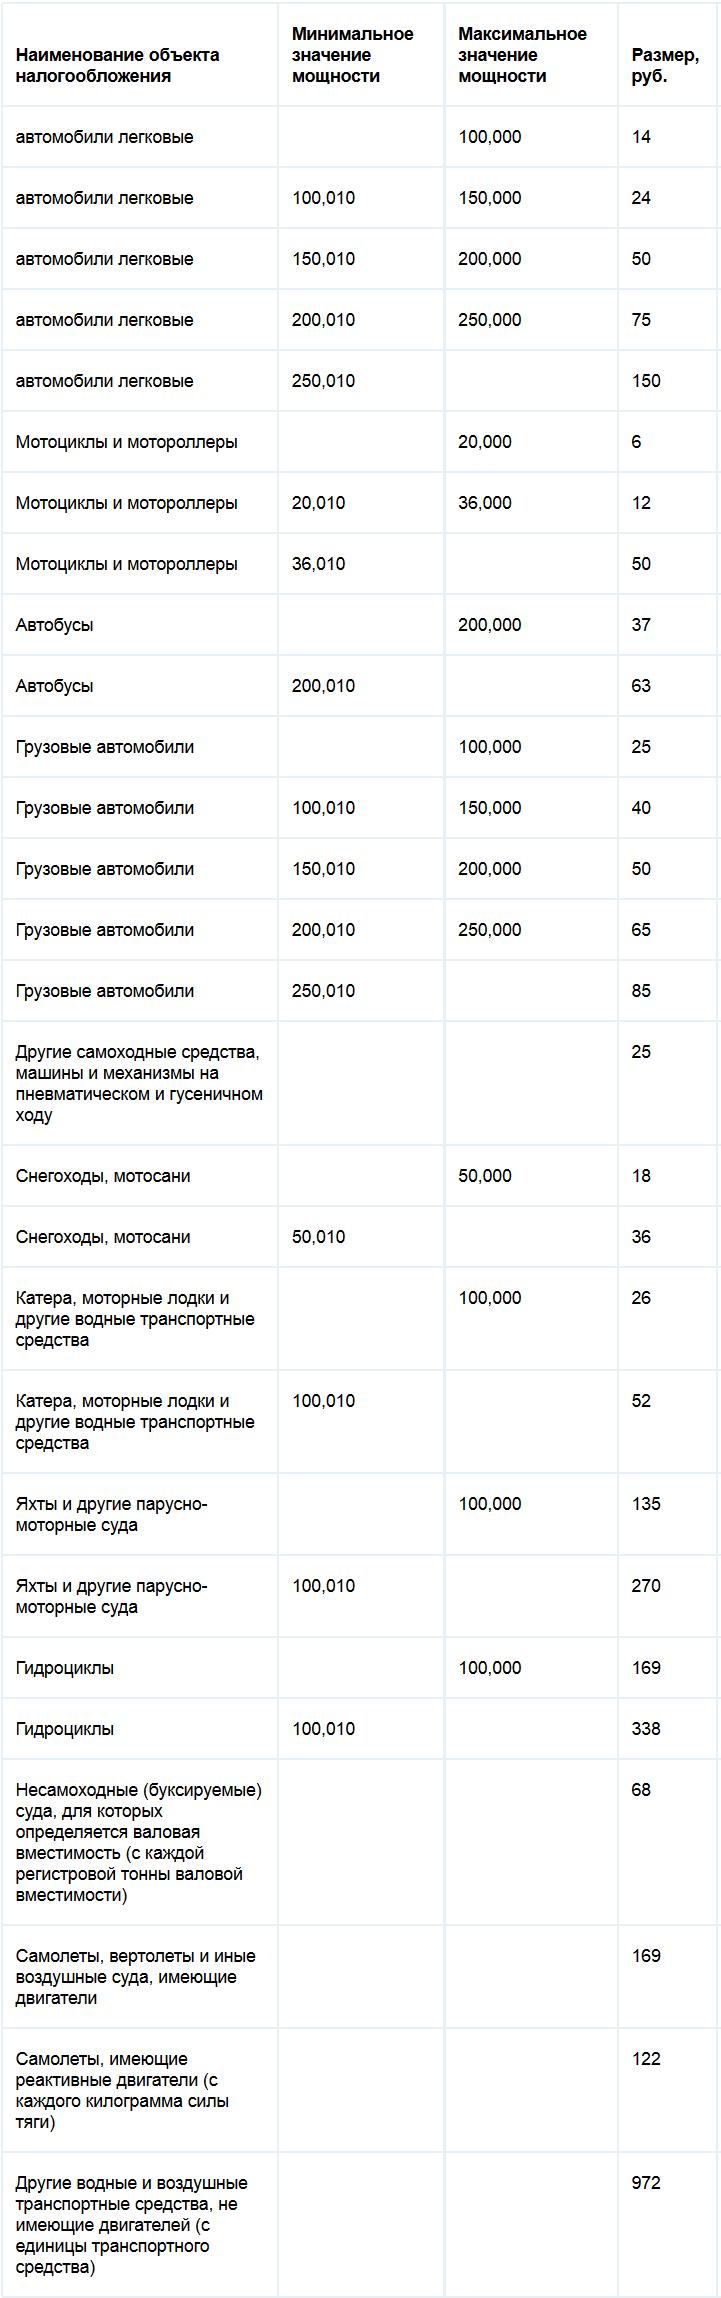 Ставки транспортного налога Архангельской области